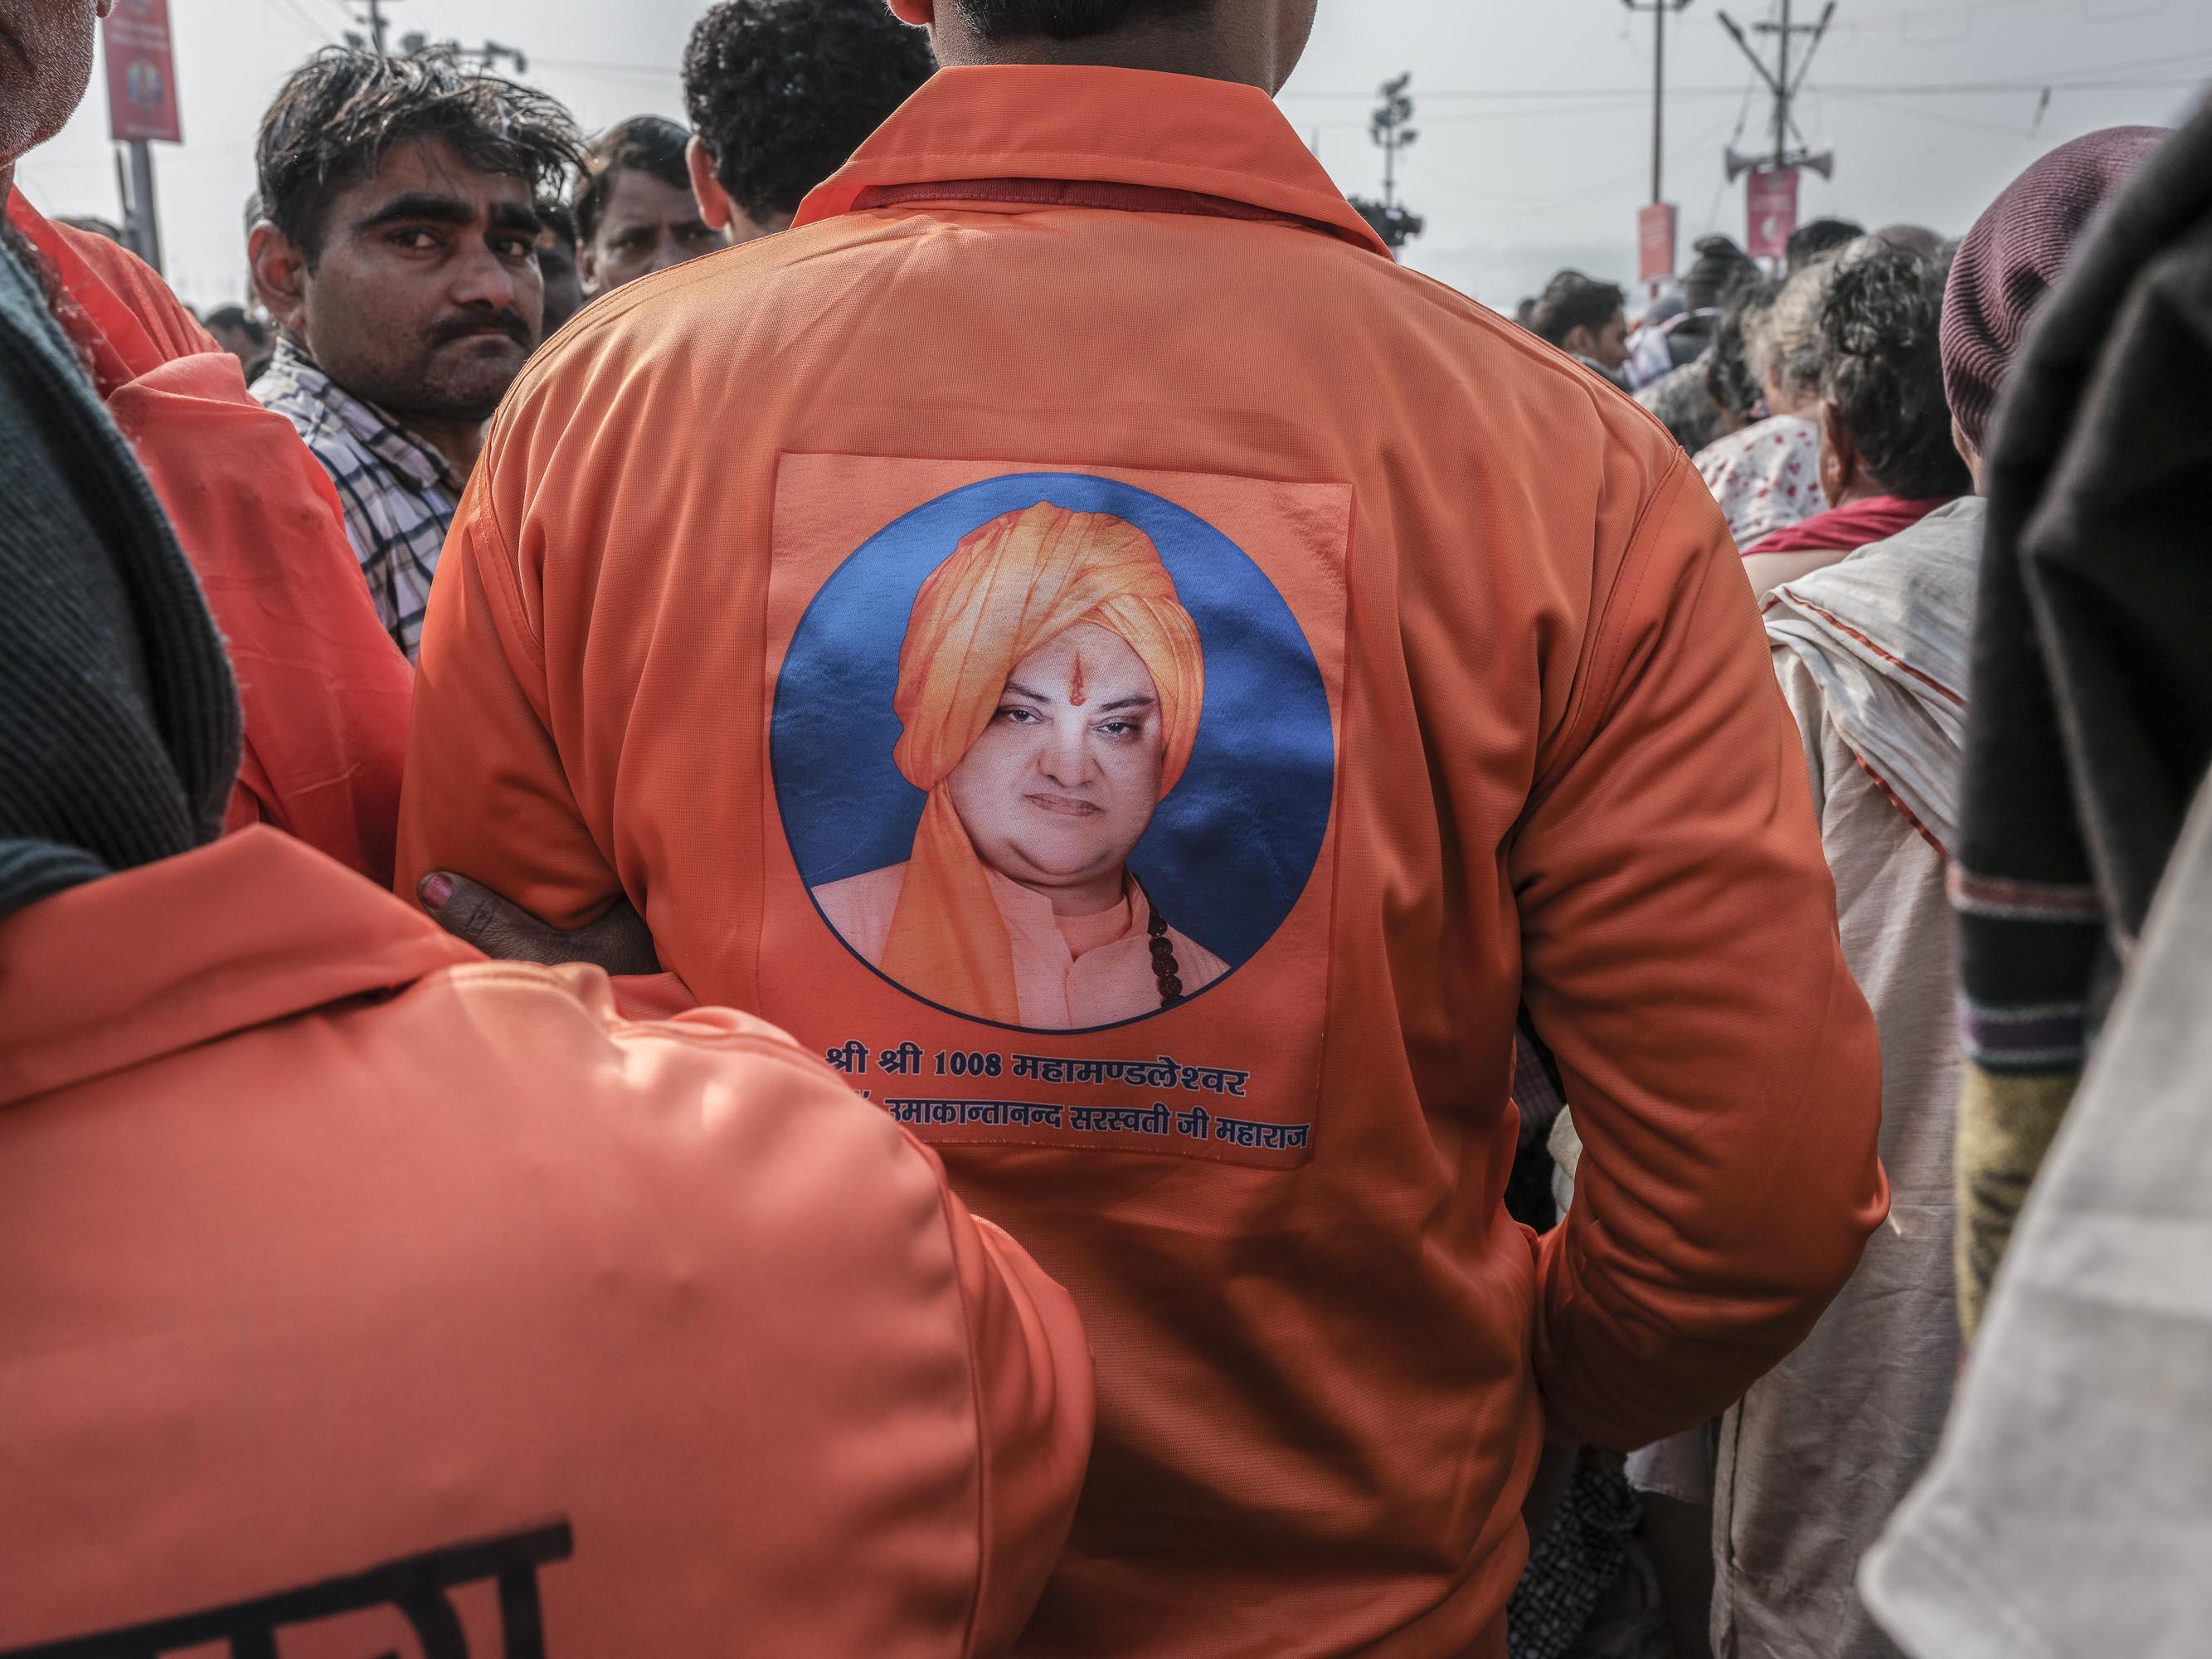 baba supporters crowd 4 February pilgrims Kumbh mela 2019 India Allahabad Prayagraj Ardh hindu religious Festival event rivers photographer jose jeuland photography